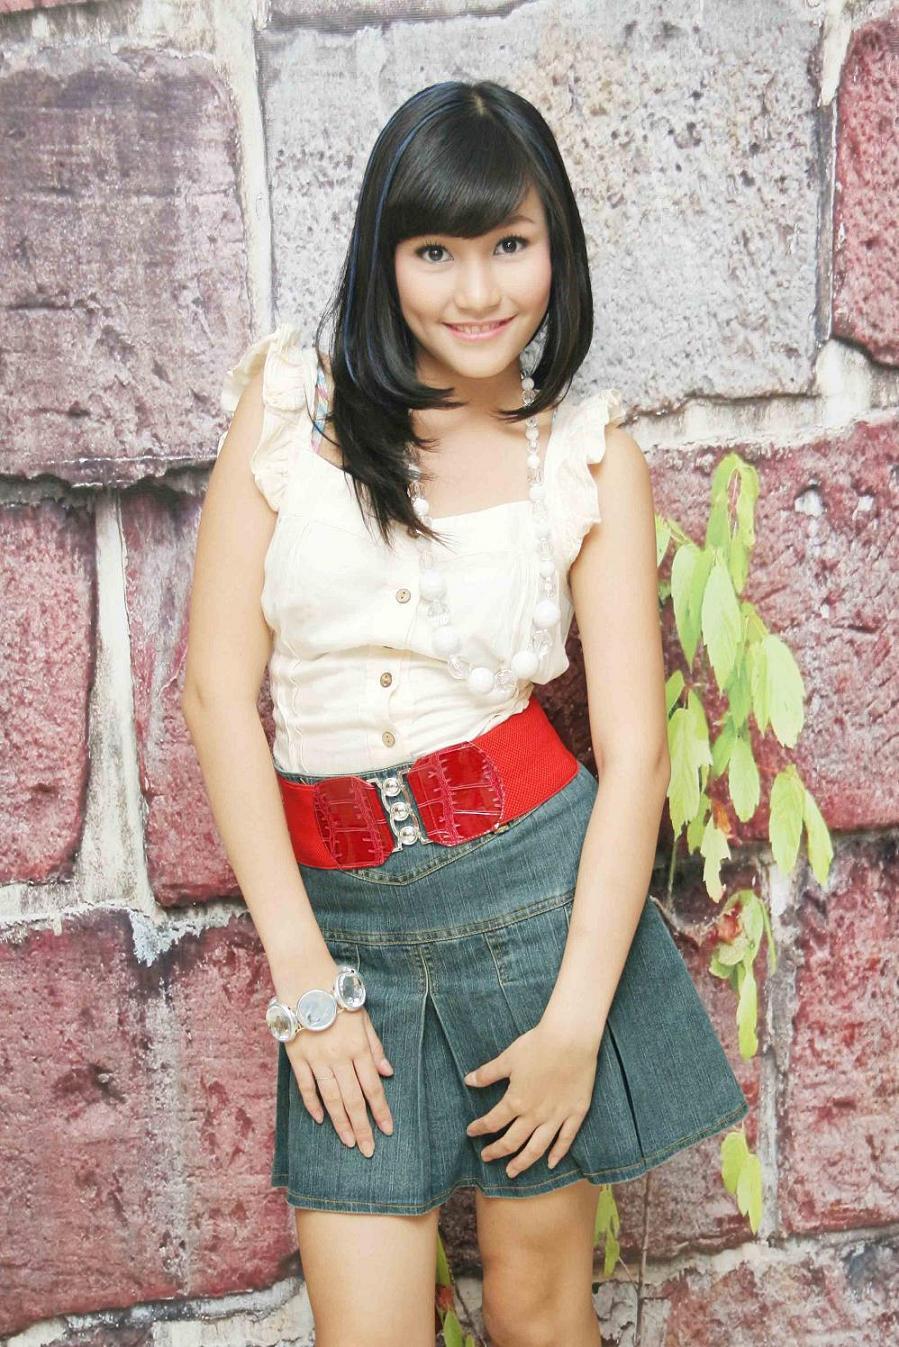 INDONESIA GIRLS : FOTO MODEL ROK MINI DAN UCANSEE